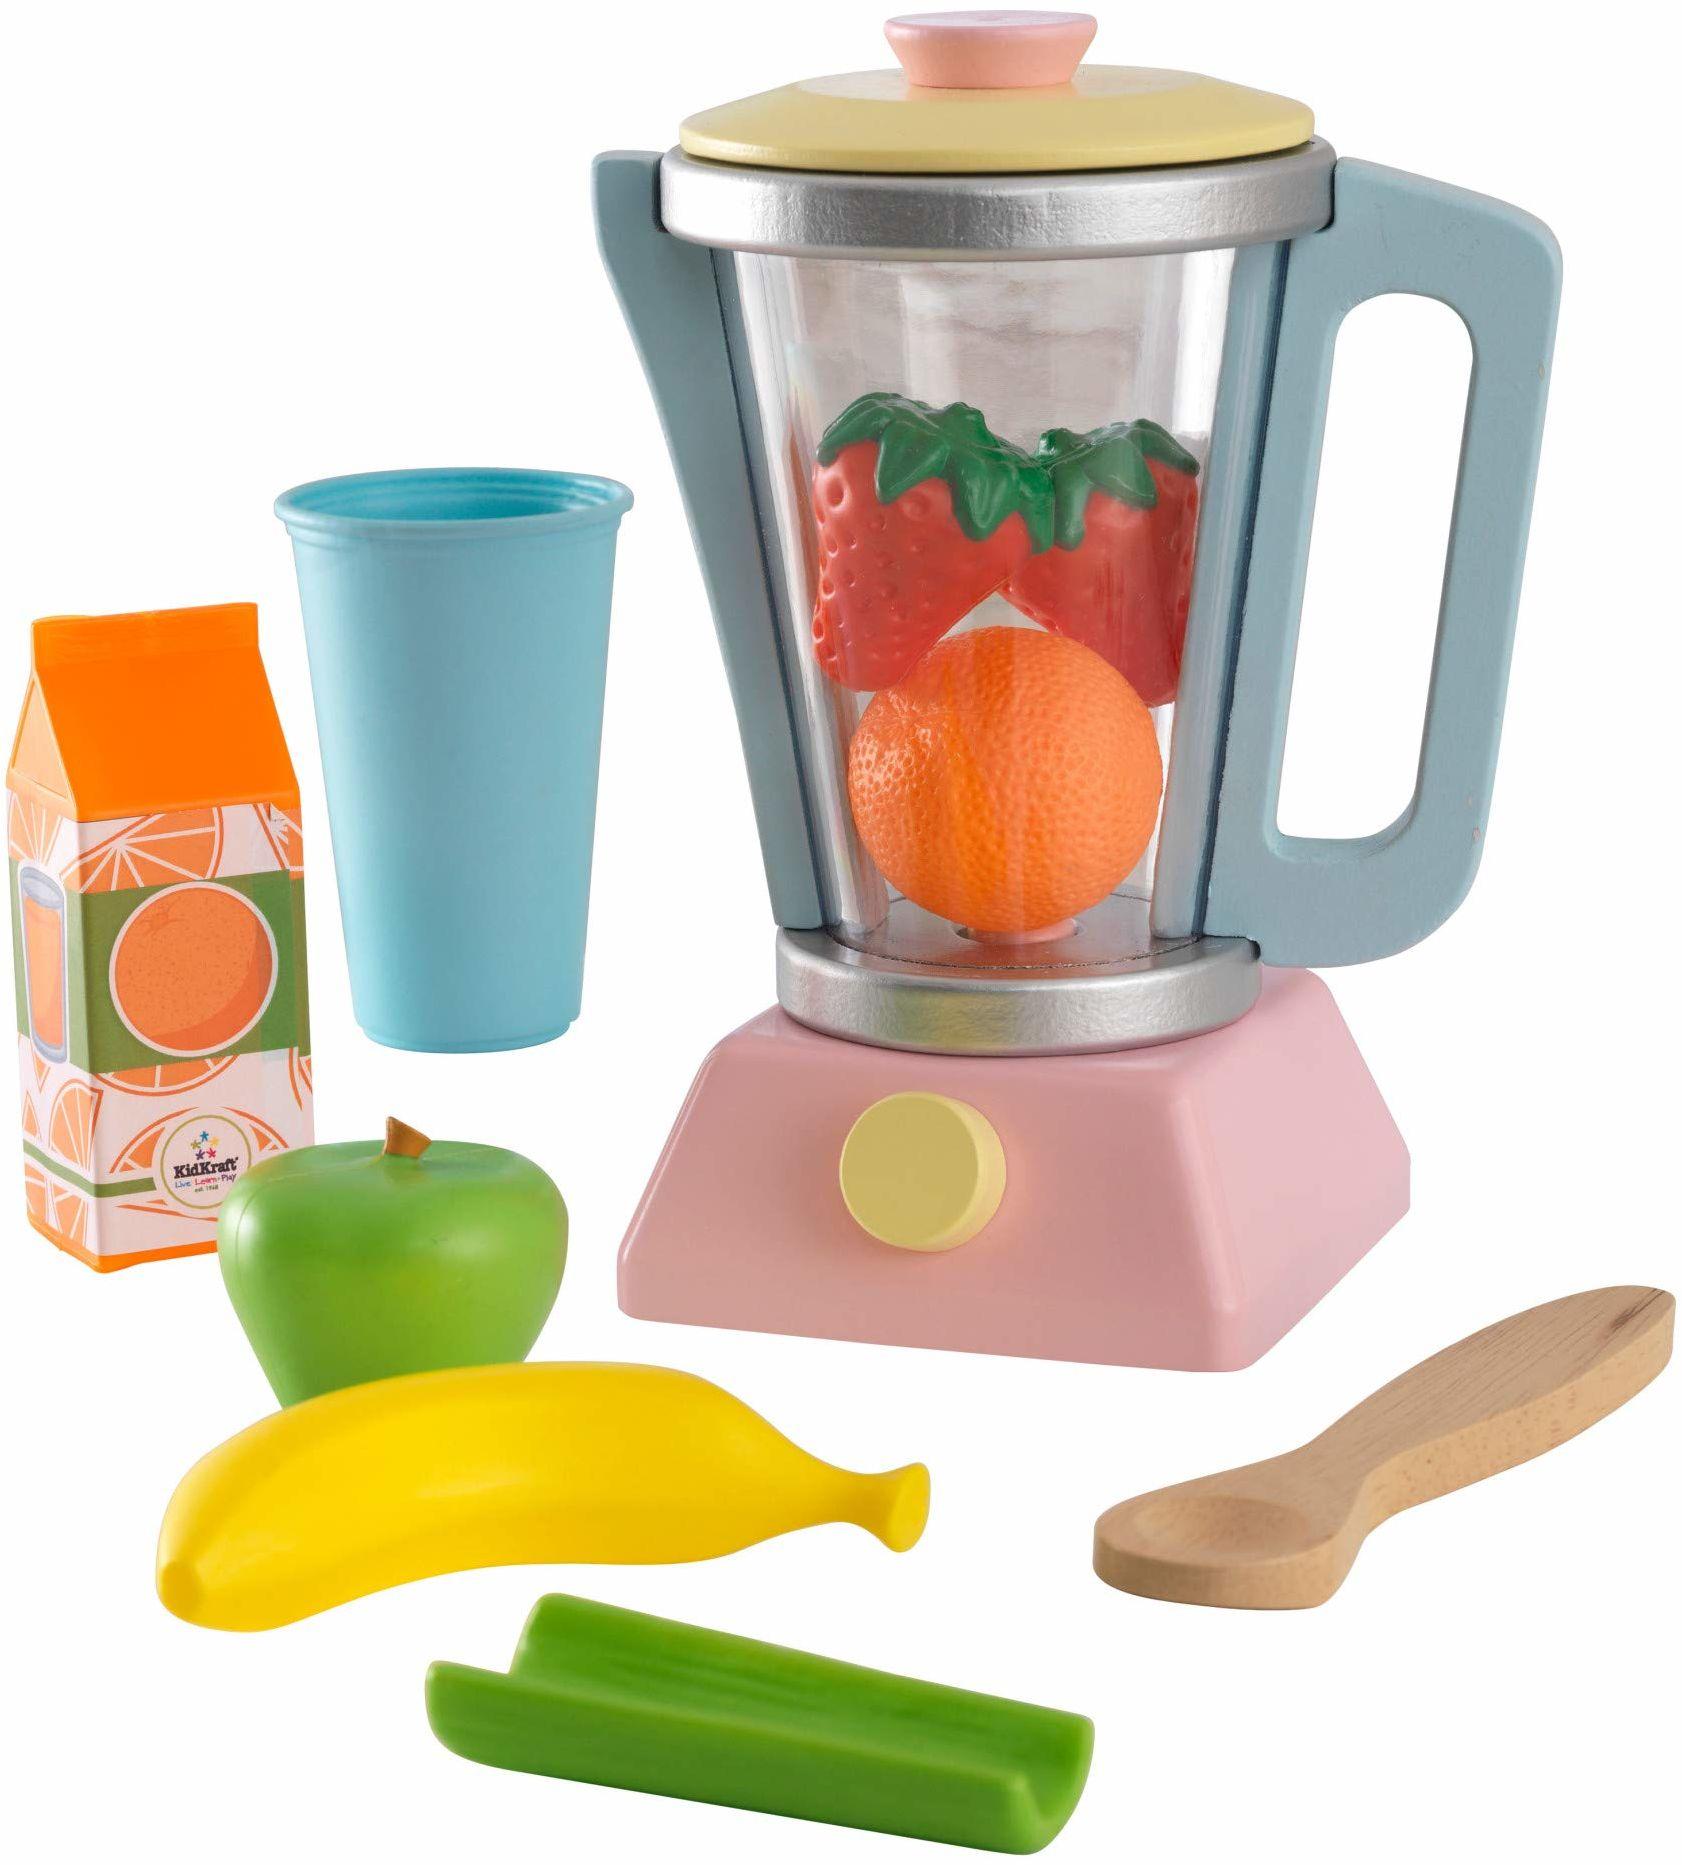 KidKraft 63377 pastelowe smoothie udawaj gra, akcesoria do gotowania dla dzieci zabawka kuchnia